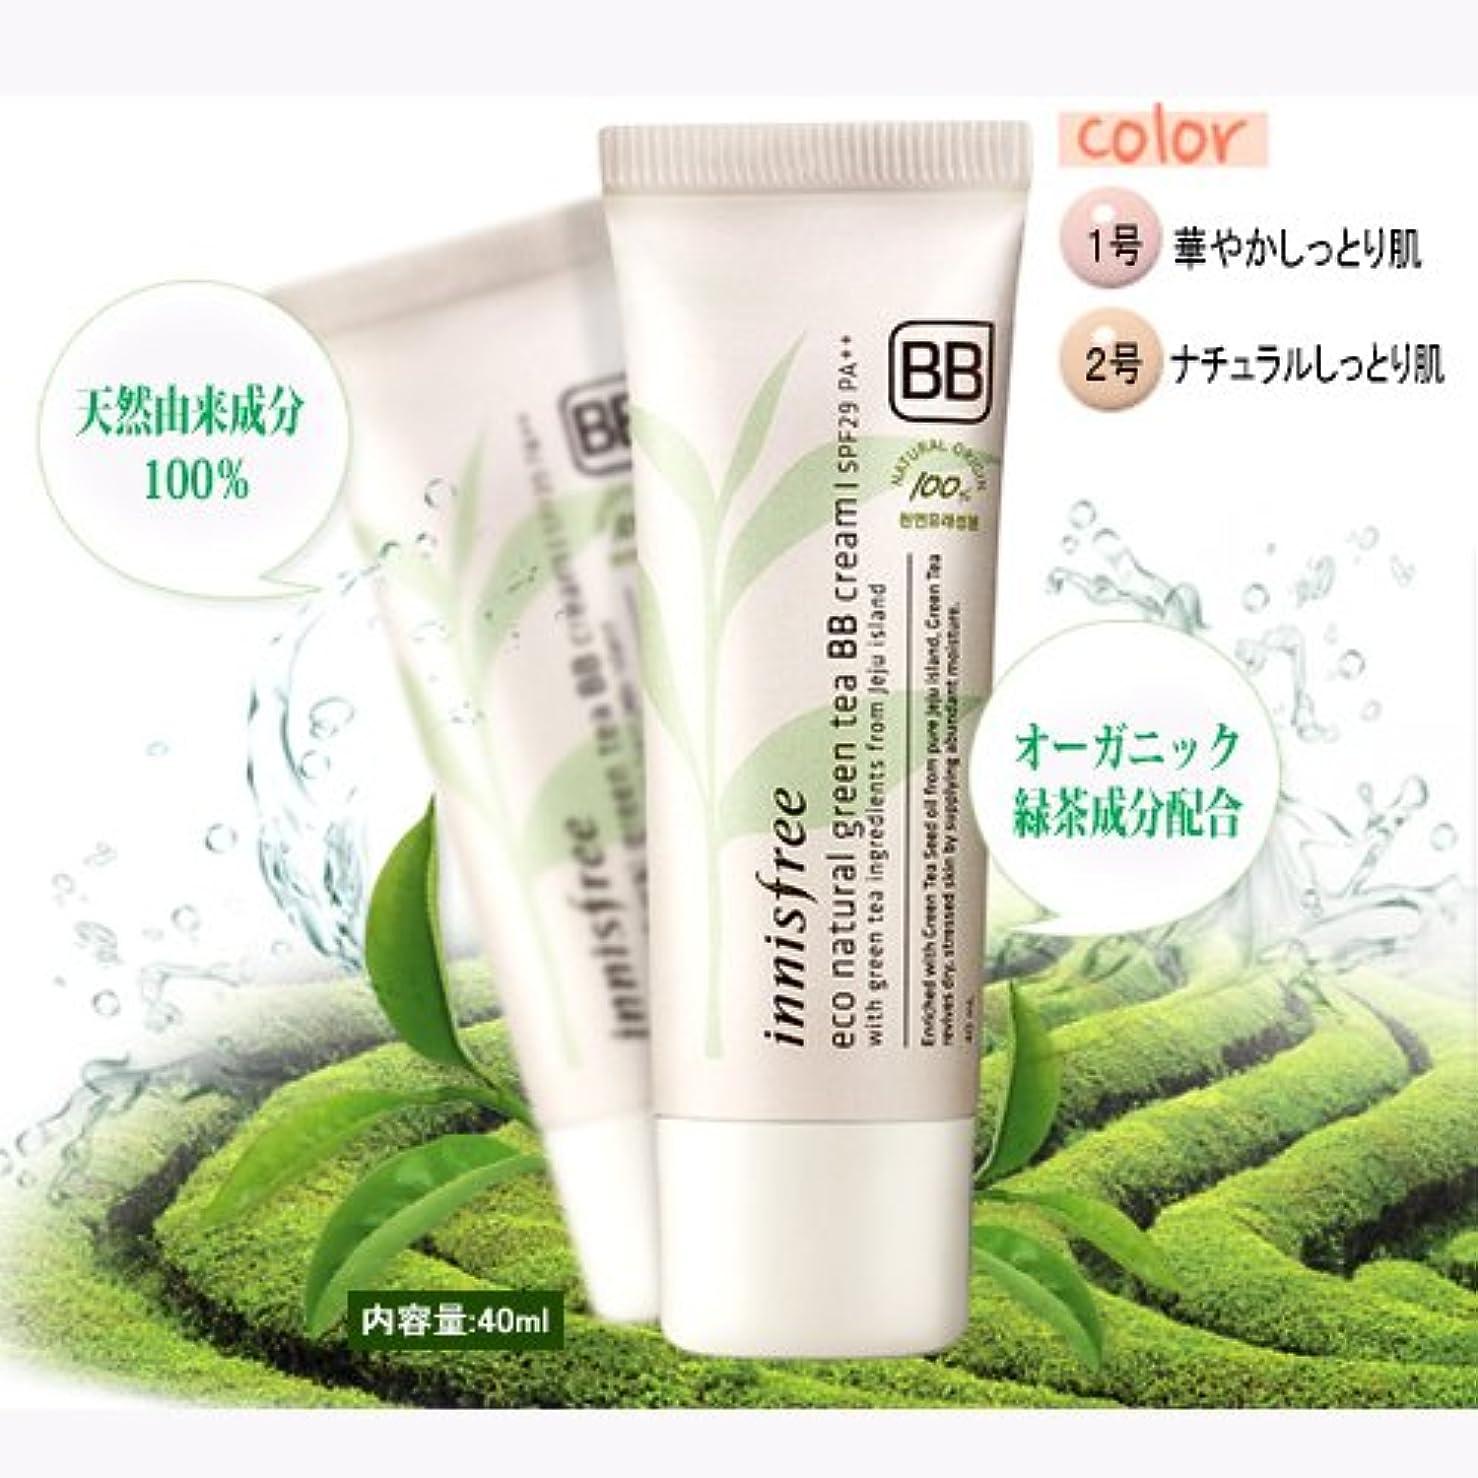 壁紙独裁ストリームinnisfree/イニスフリー Eco Natural Green Tea BB Cream #01 /エコナチュラルグリーンティーBBクリーム 華やかなしっとり肌 SPF29PA++40ml